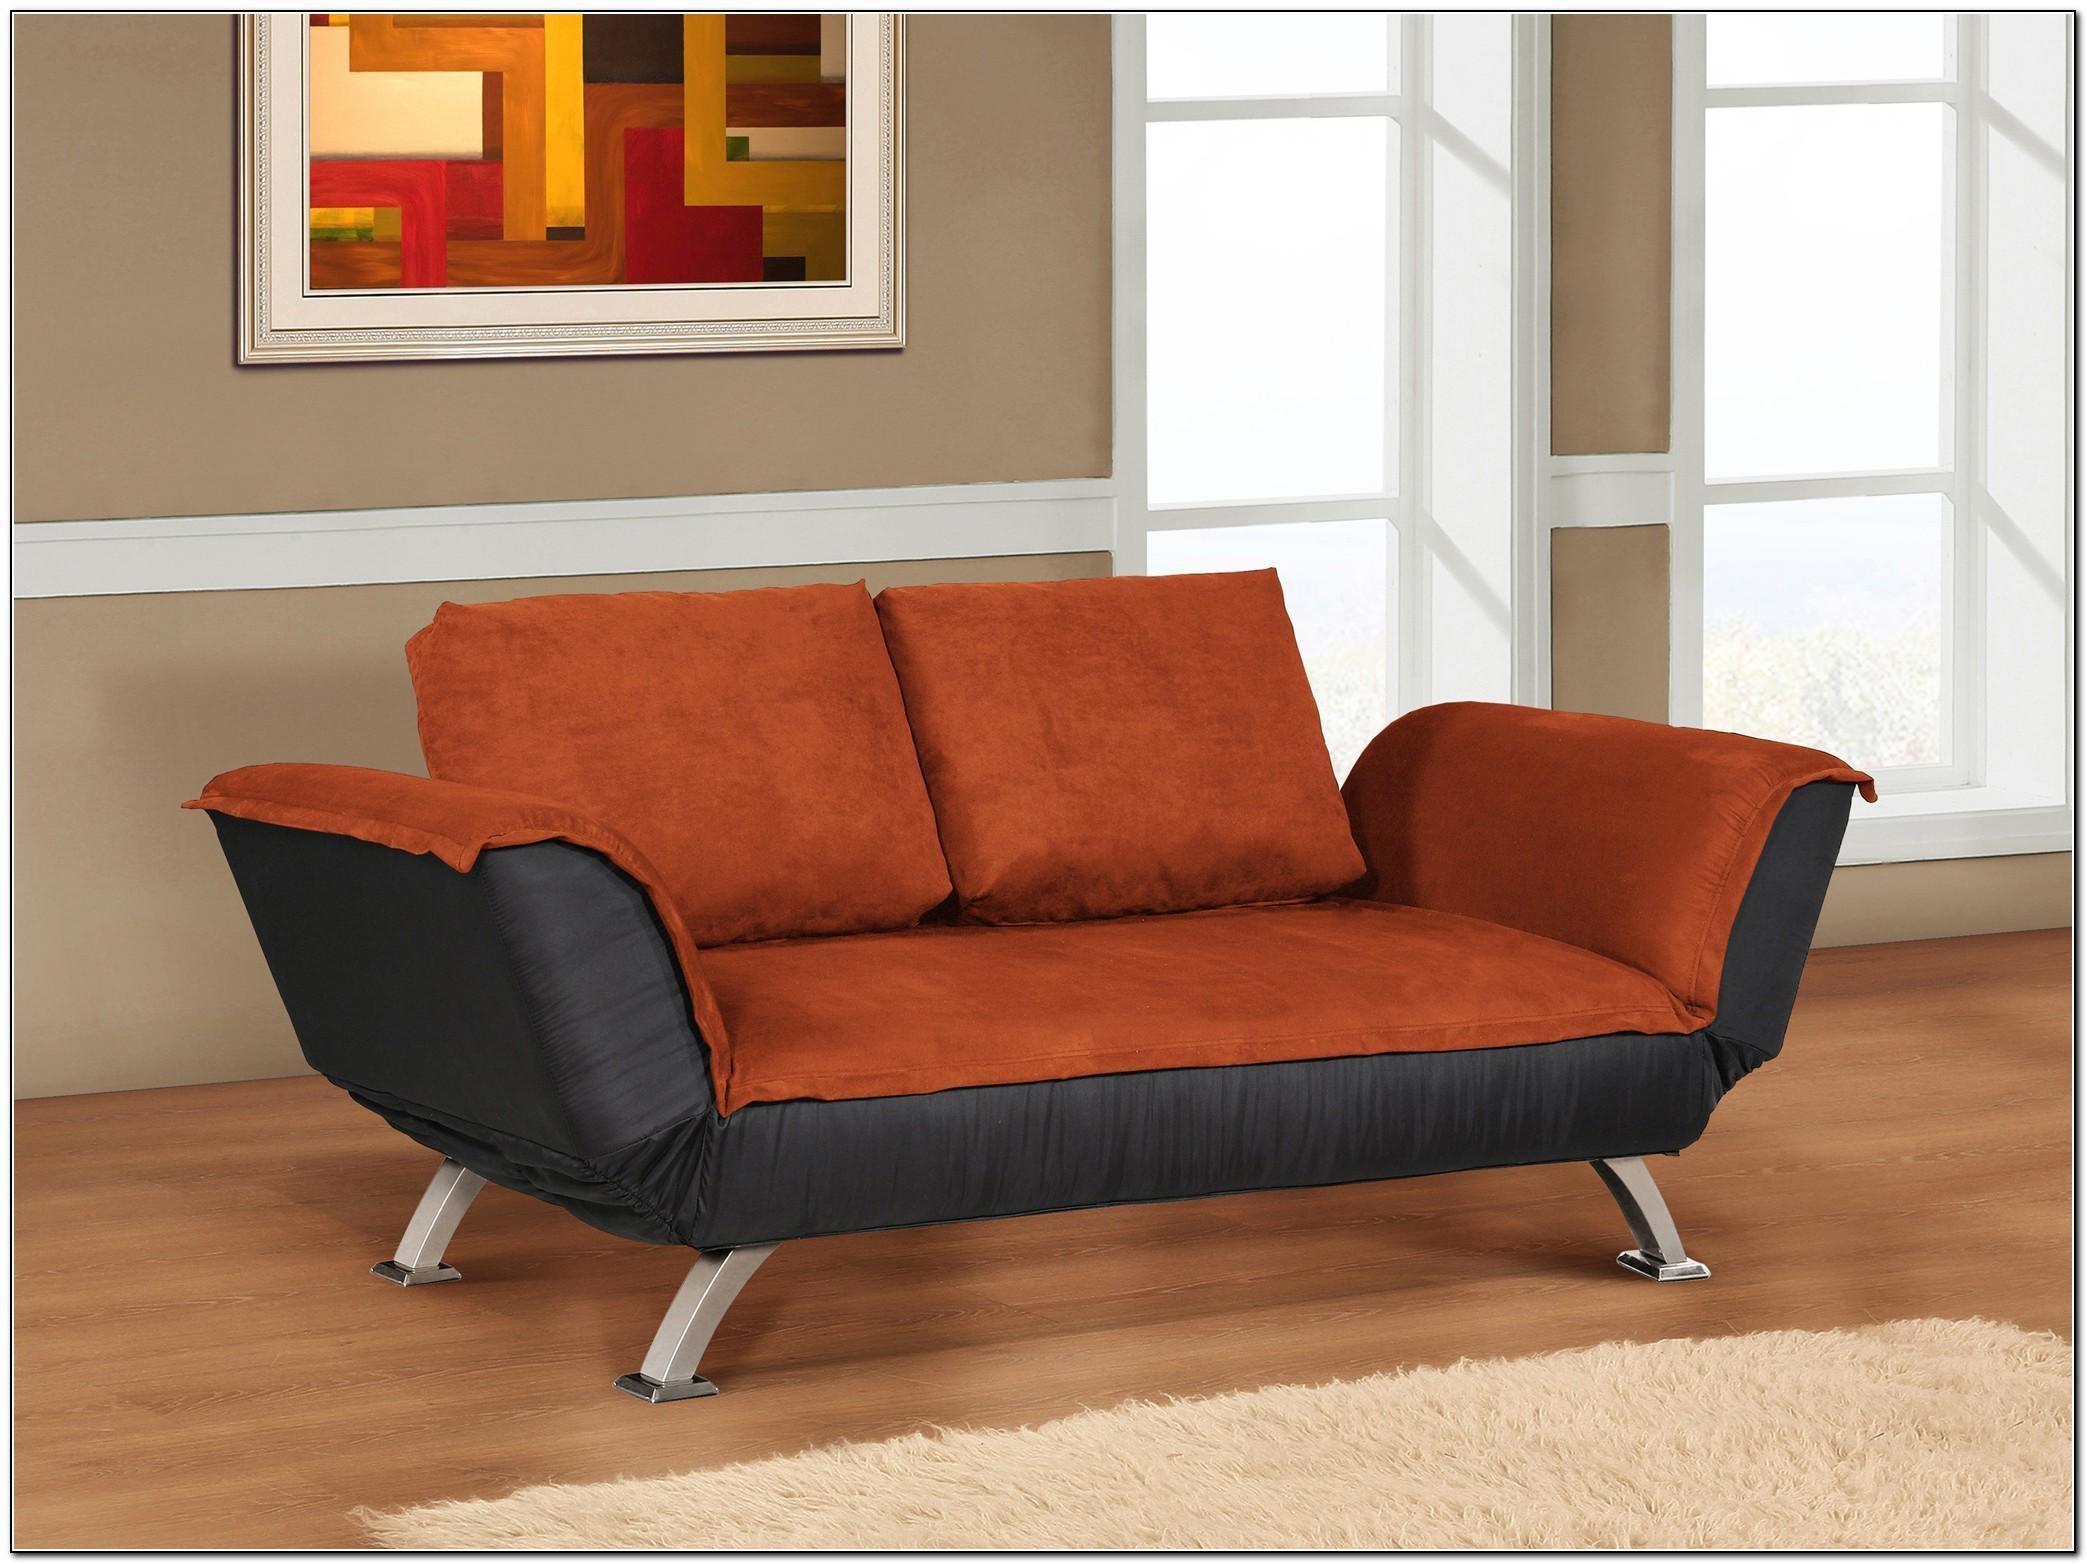 Castro Convertible Sofa Bed F Home Design | Genty For Castro Convertible Sofas (View 20 of 20)